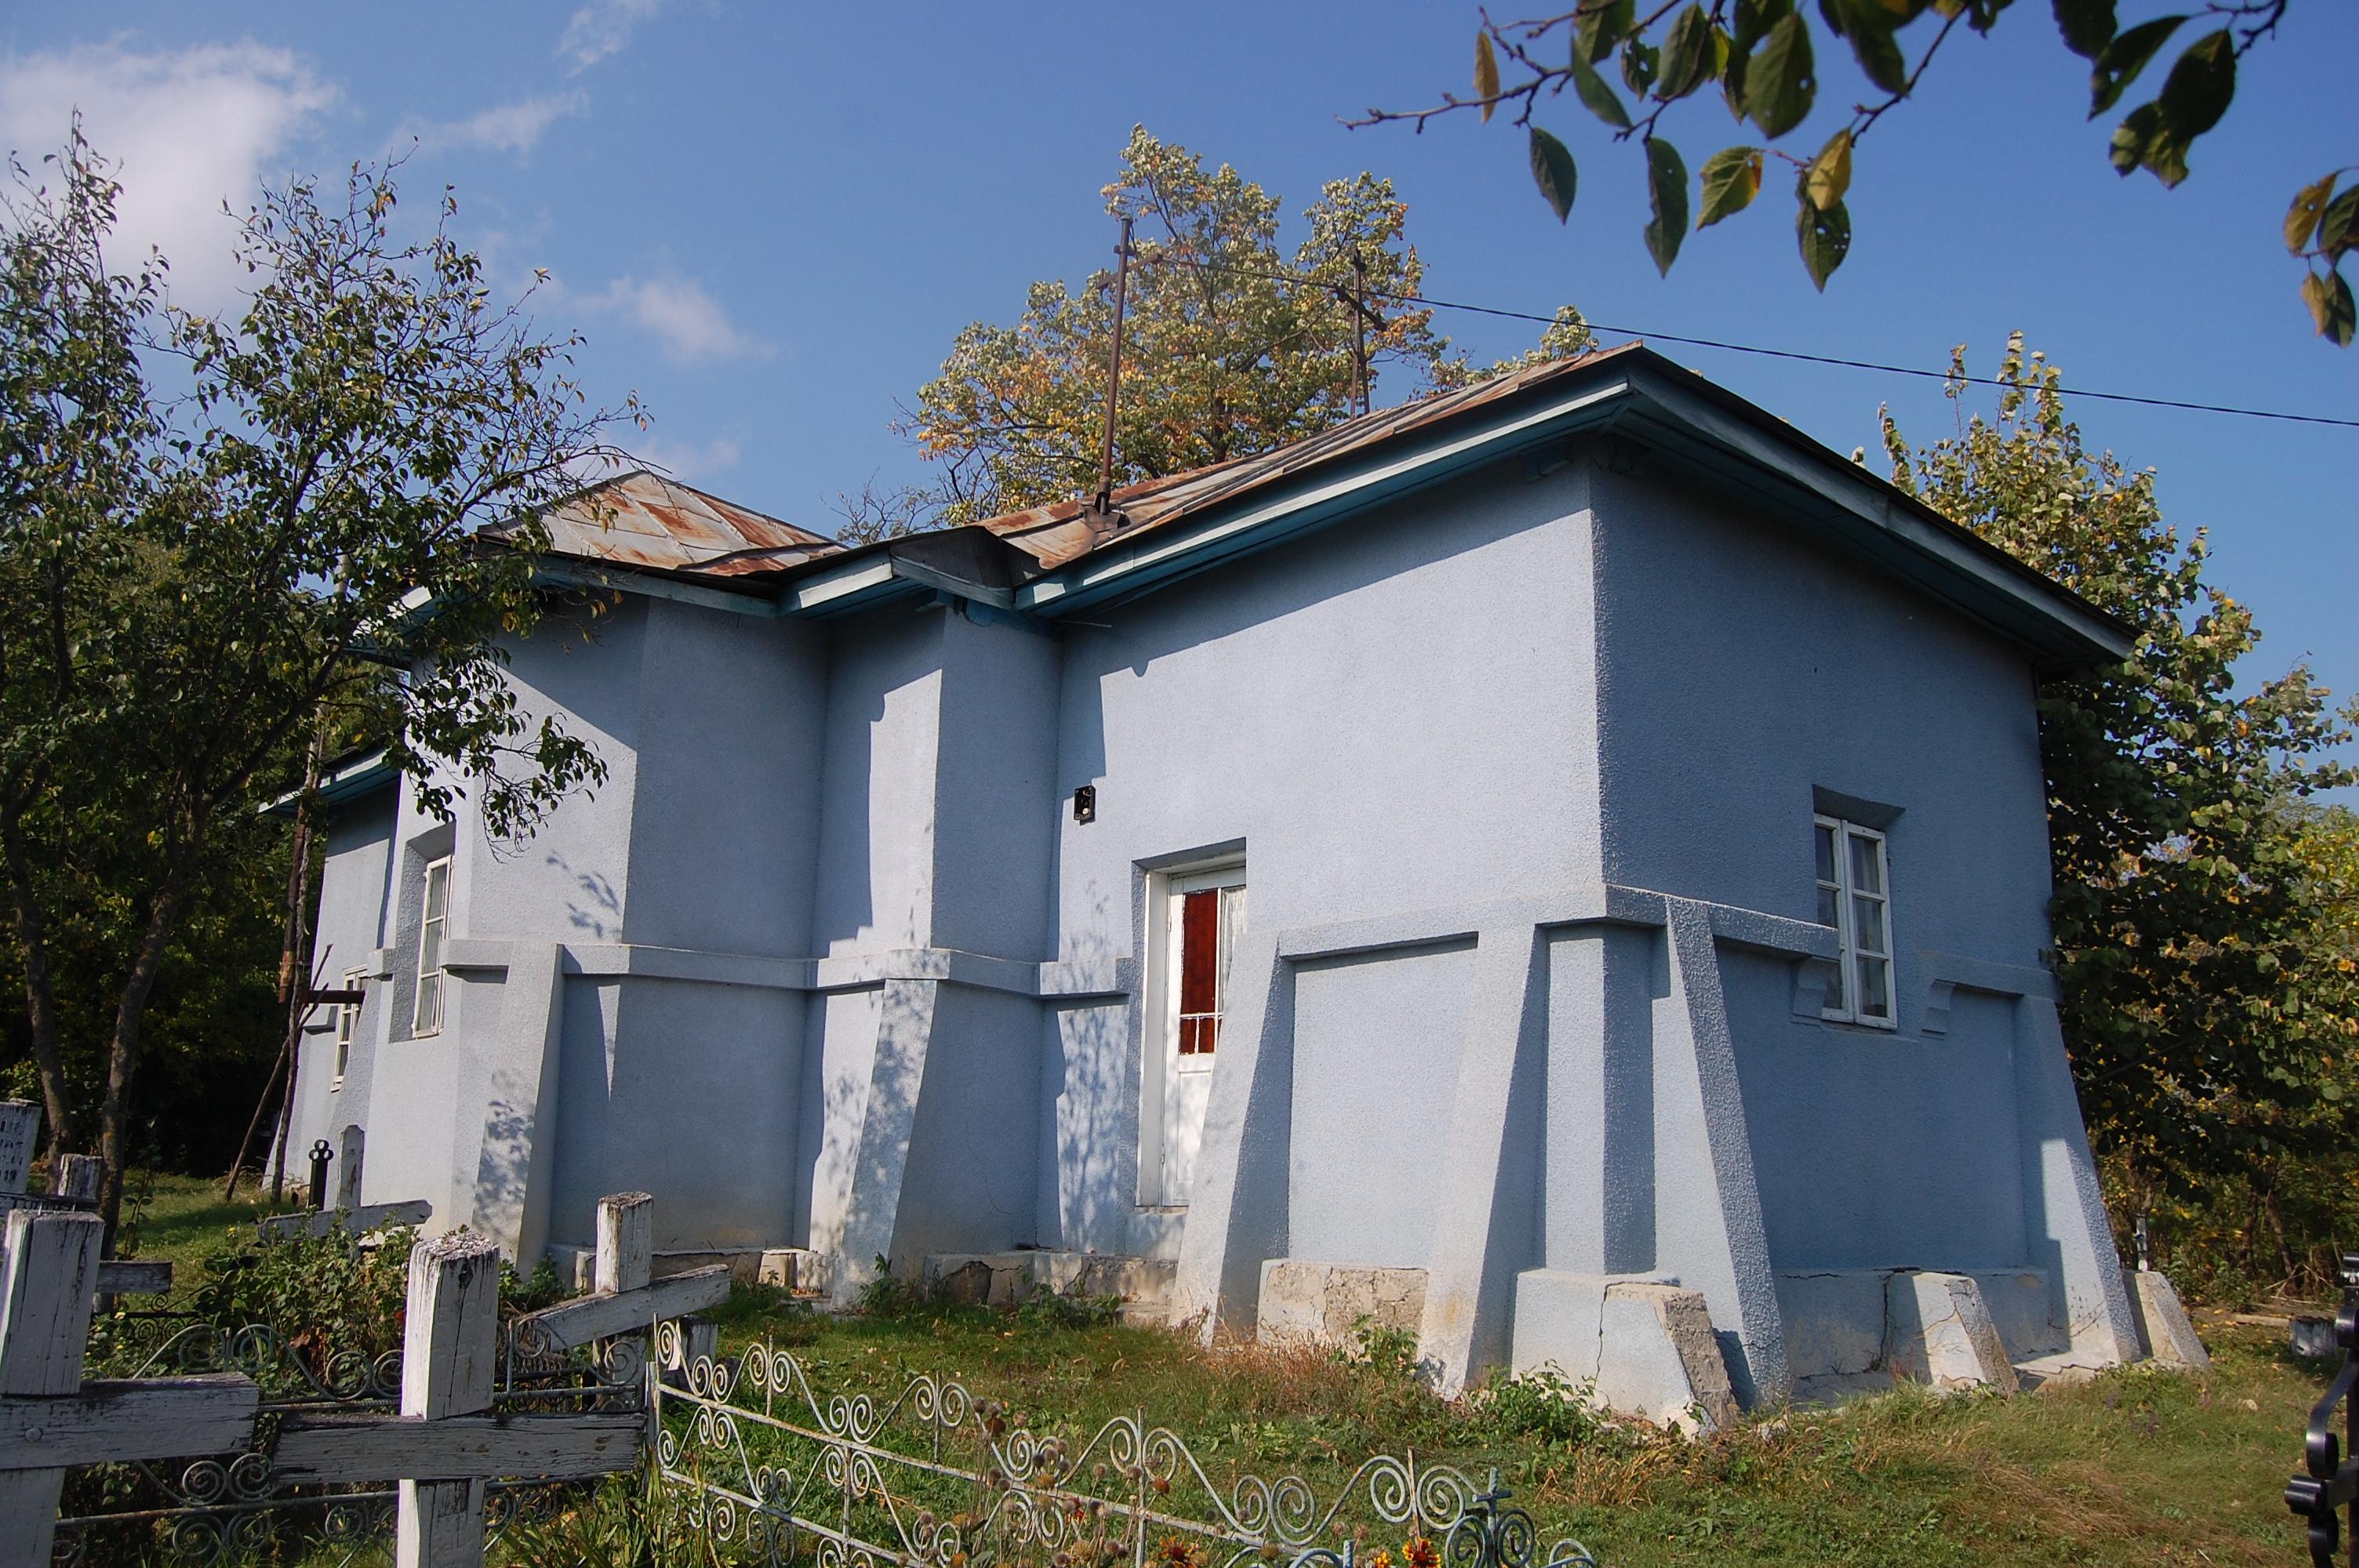 Comuna Podu Turcului Bacău Wikipedia